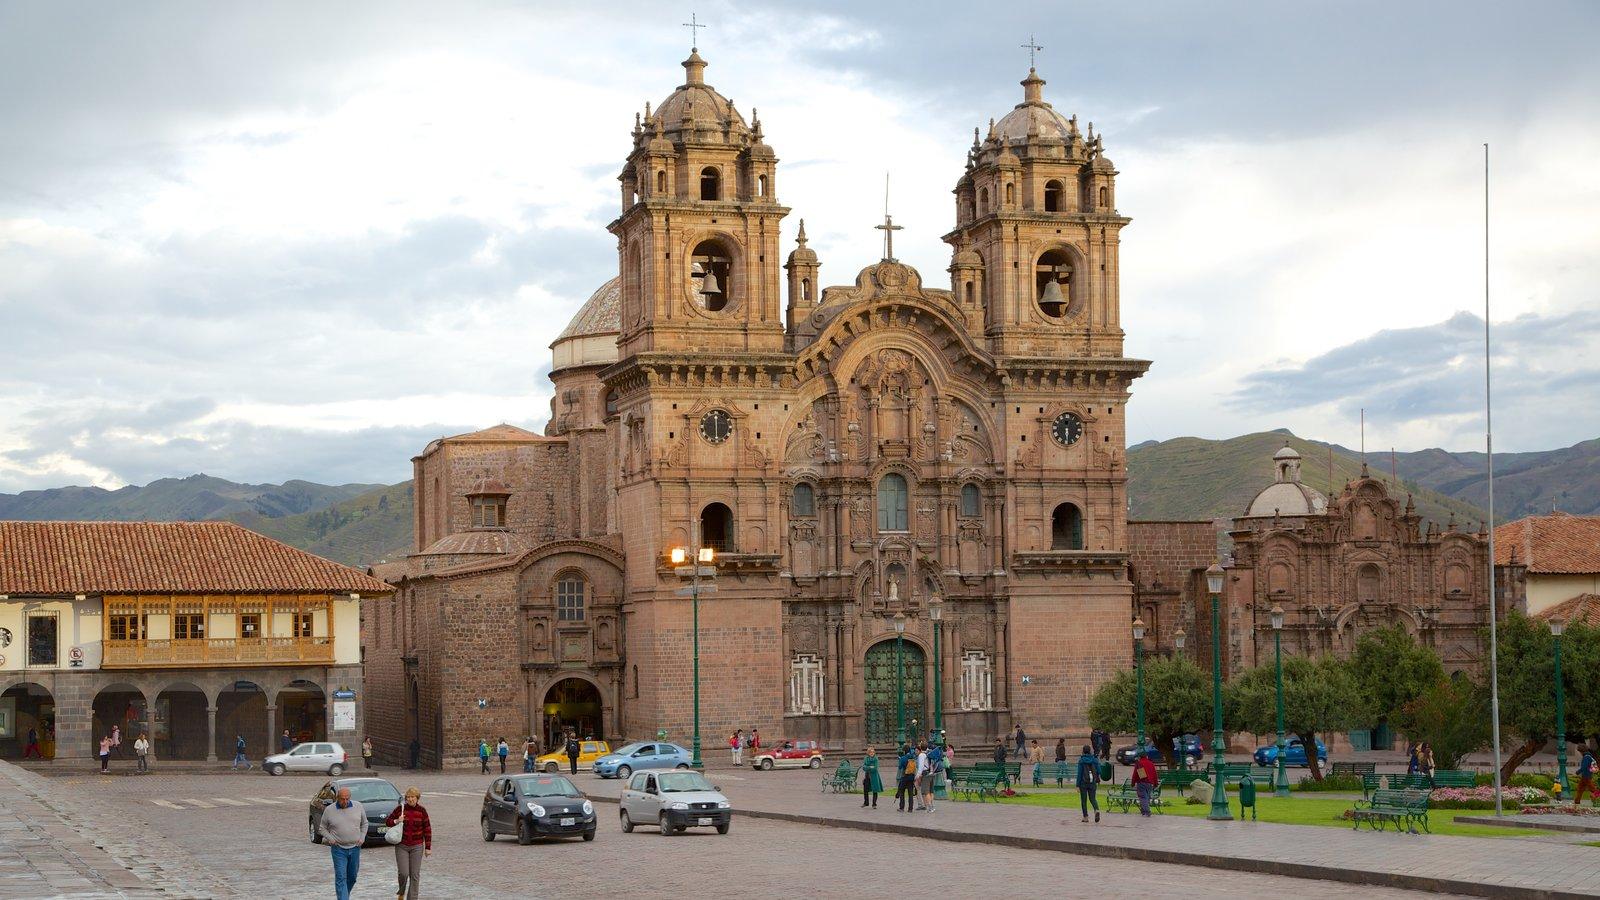 Plaza de Armas mostrando uma igreja ou catedral, cenas de rua e aspectos religiosos